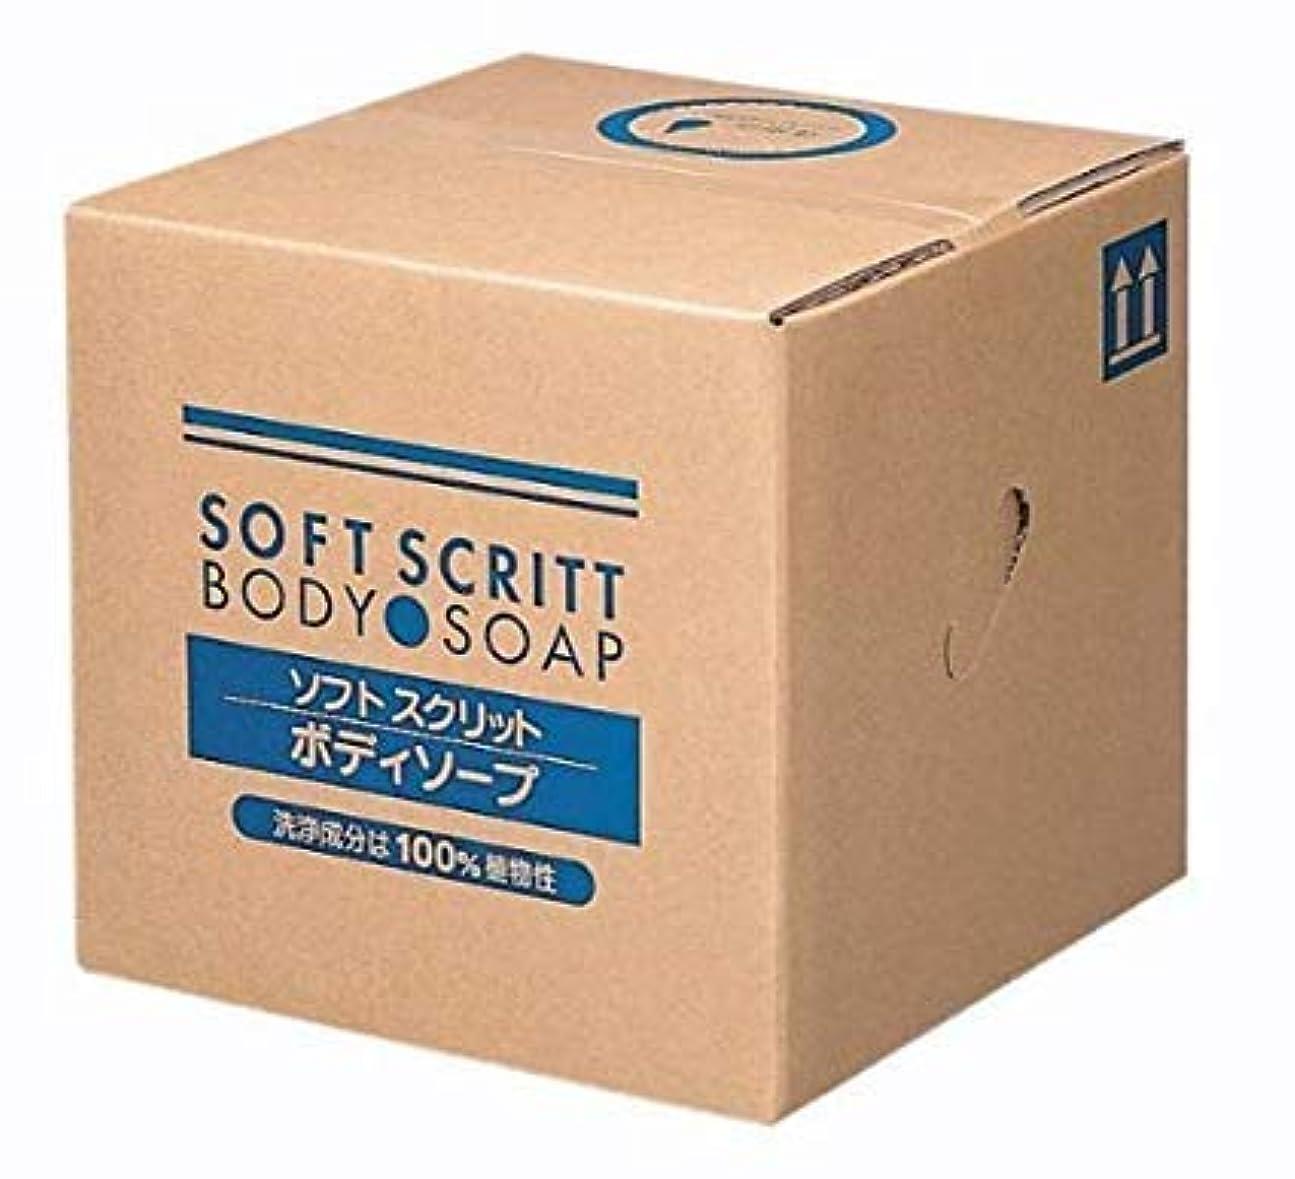 システムアルカイックピースSOFT SCRITT(ソフトスクリット) ボディソープ 詰替用 18L 4353 (熊野油脂) (清拭小物)